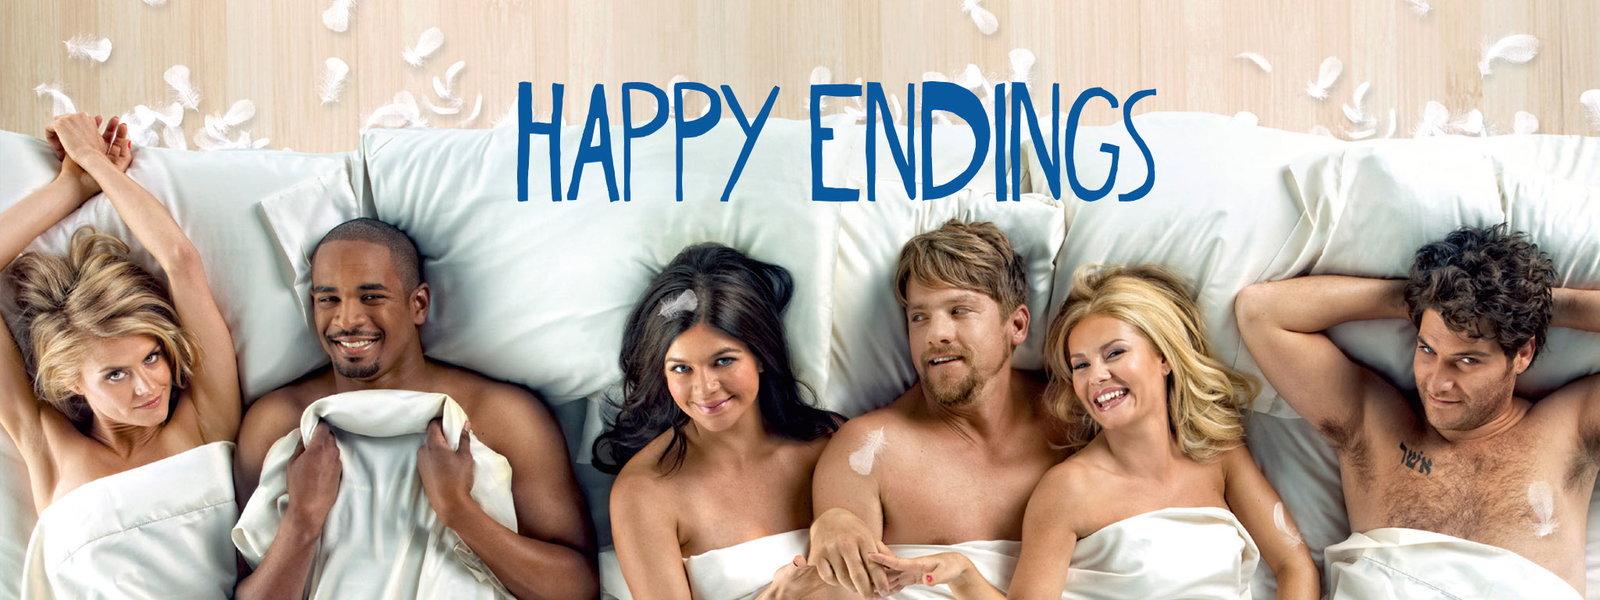 Happy Ending.jpg